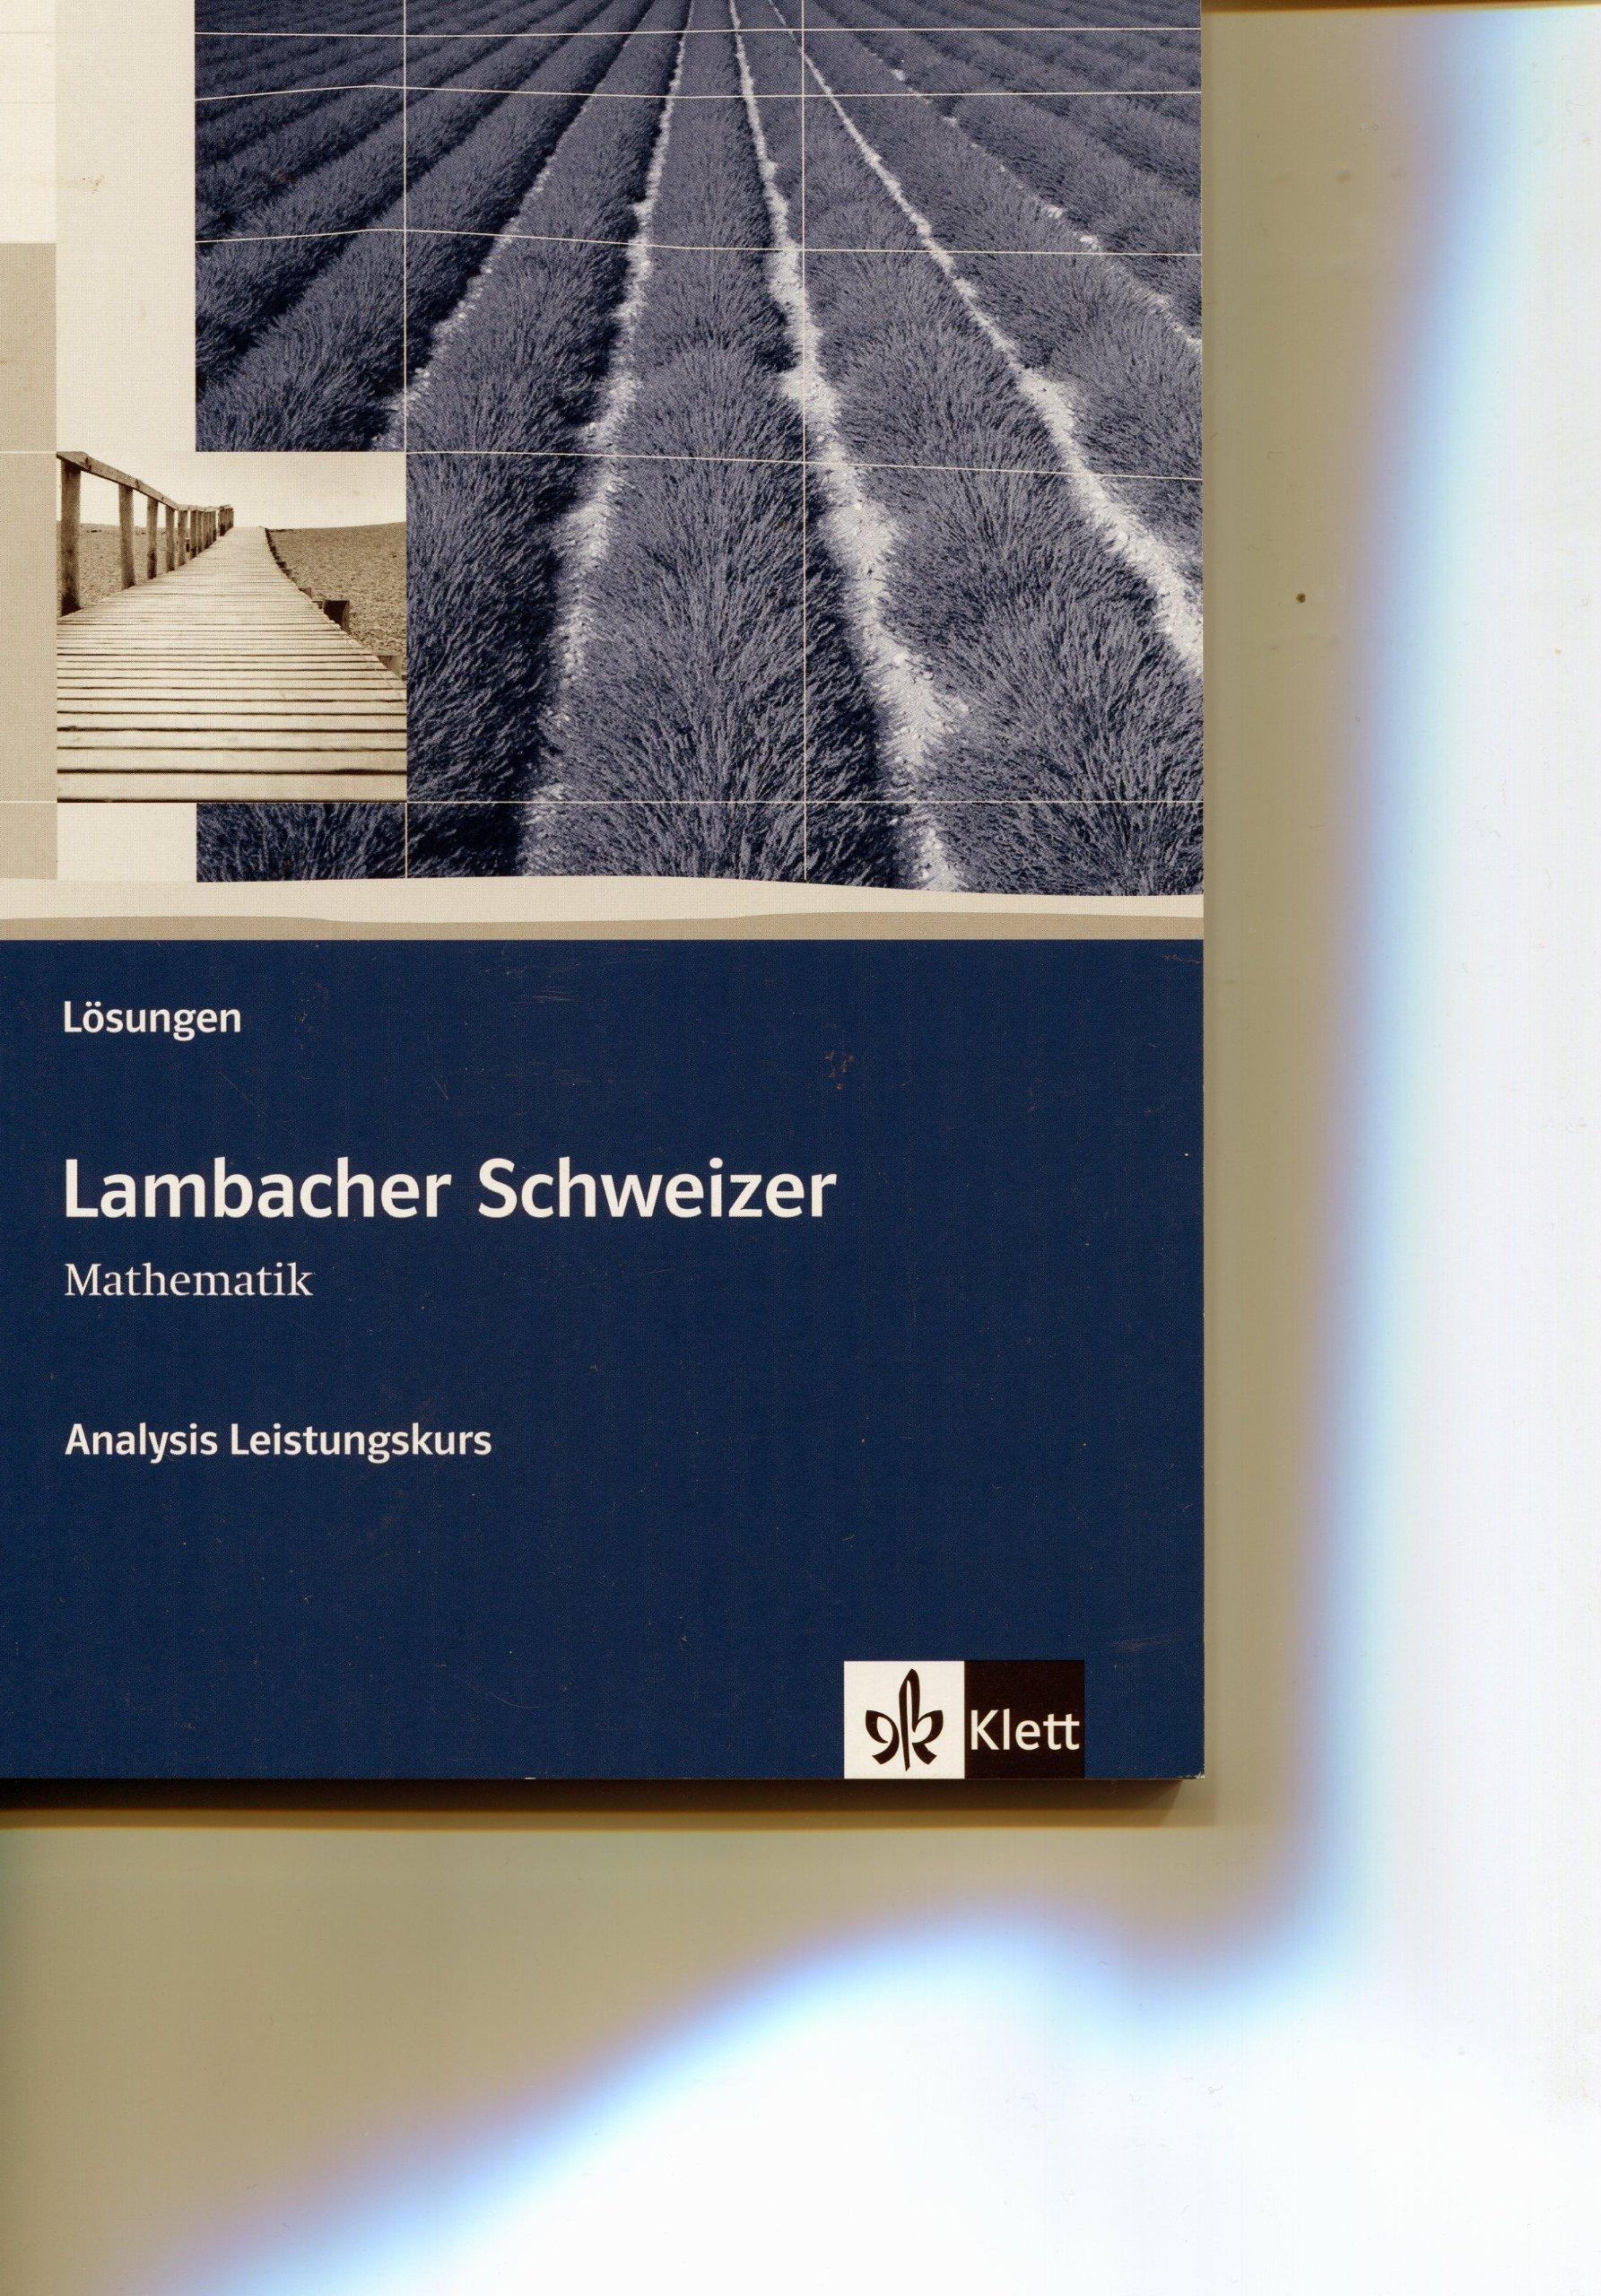 Lambacher Schweizer Mathematik Analysis Leistungskurs: Lösungen Klassen 10-12 oder 11-13 (Lambacher Schweizer. Bundesausgabe ab 2012) Taschenbuch – 1. Dezember 2012 Klett 3127357095 Schulbücher Mathematik / Schulbuch